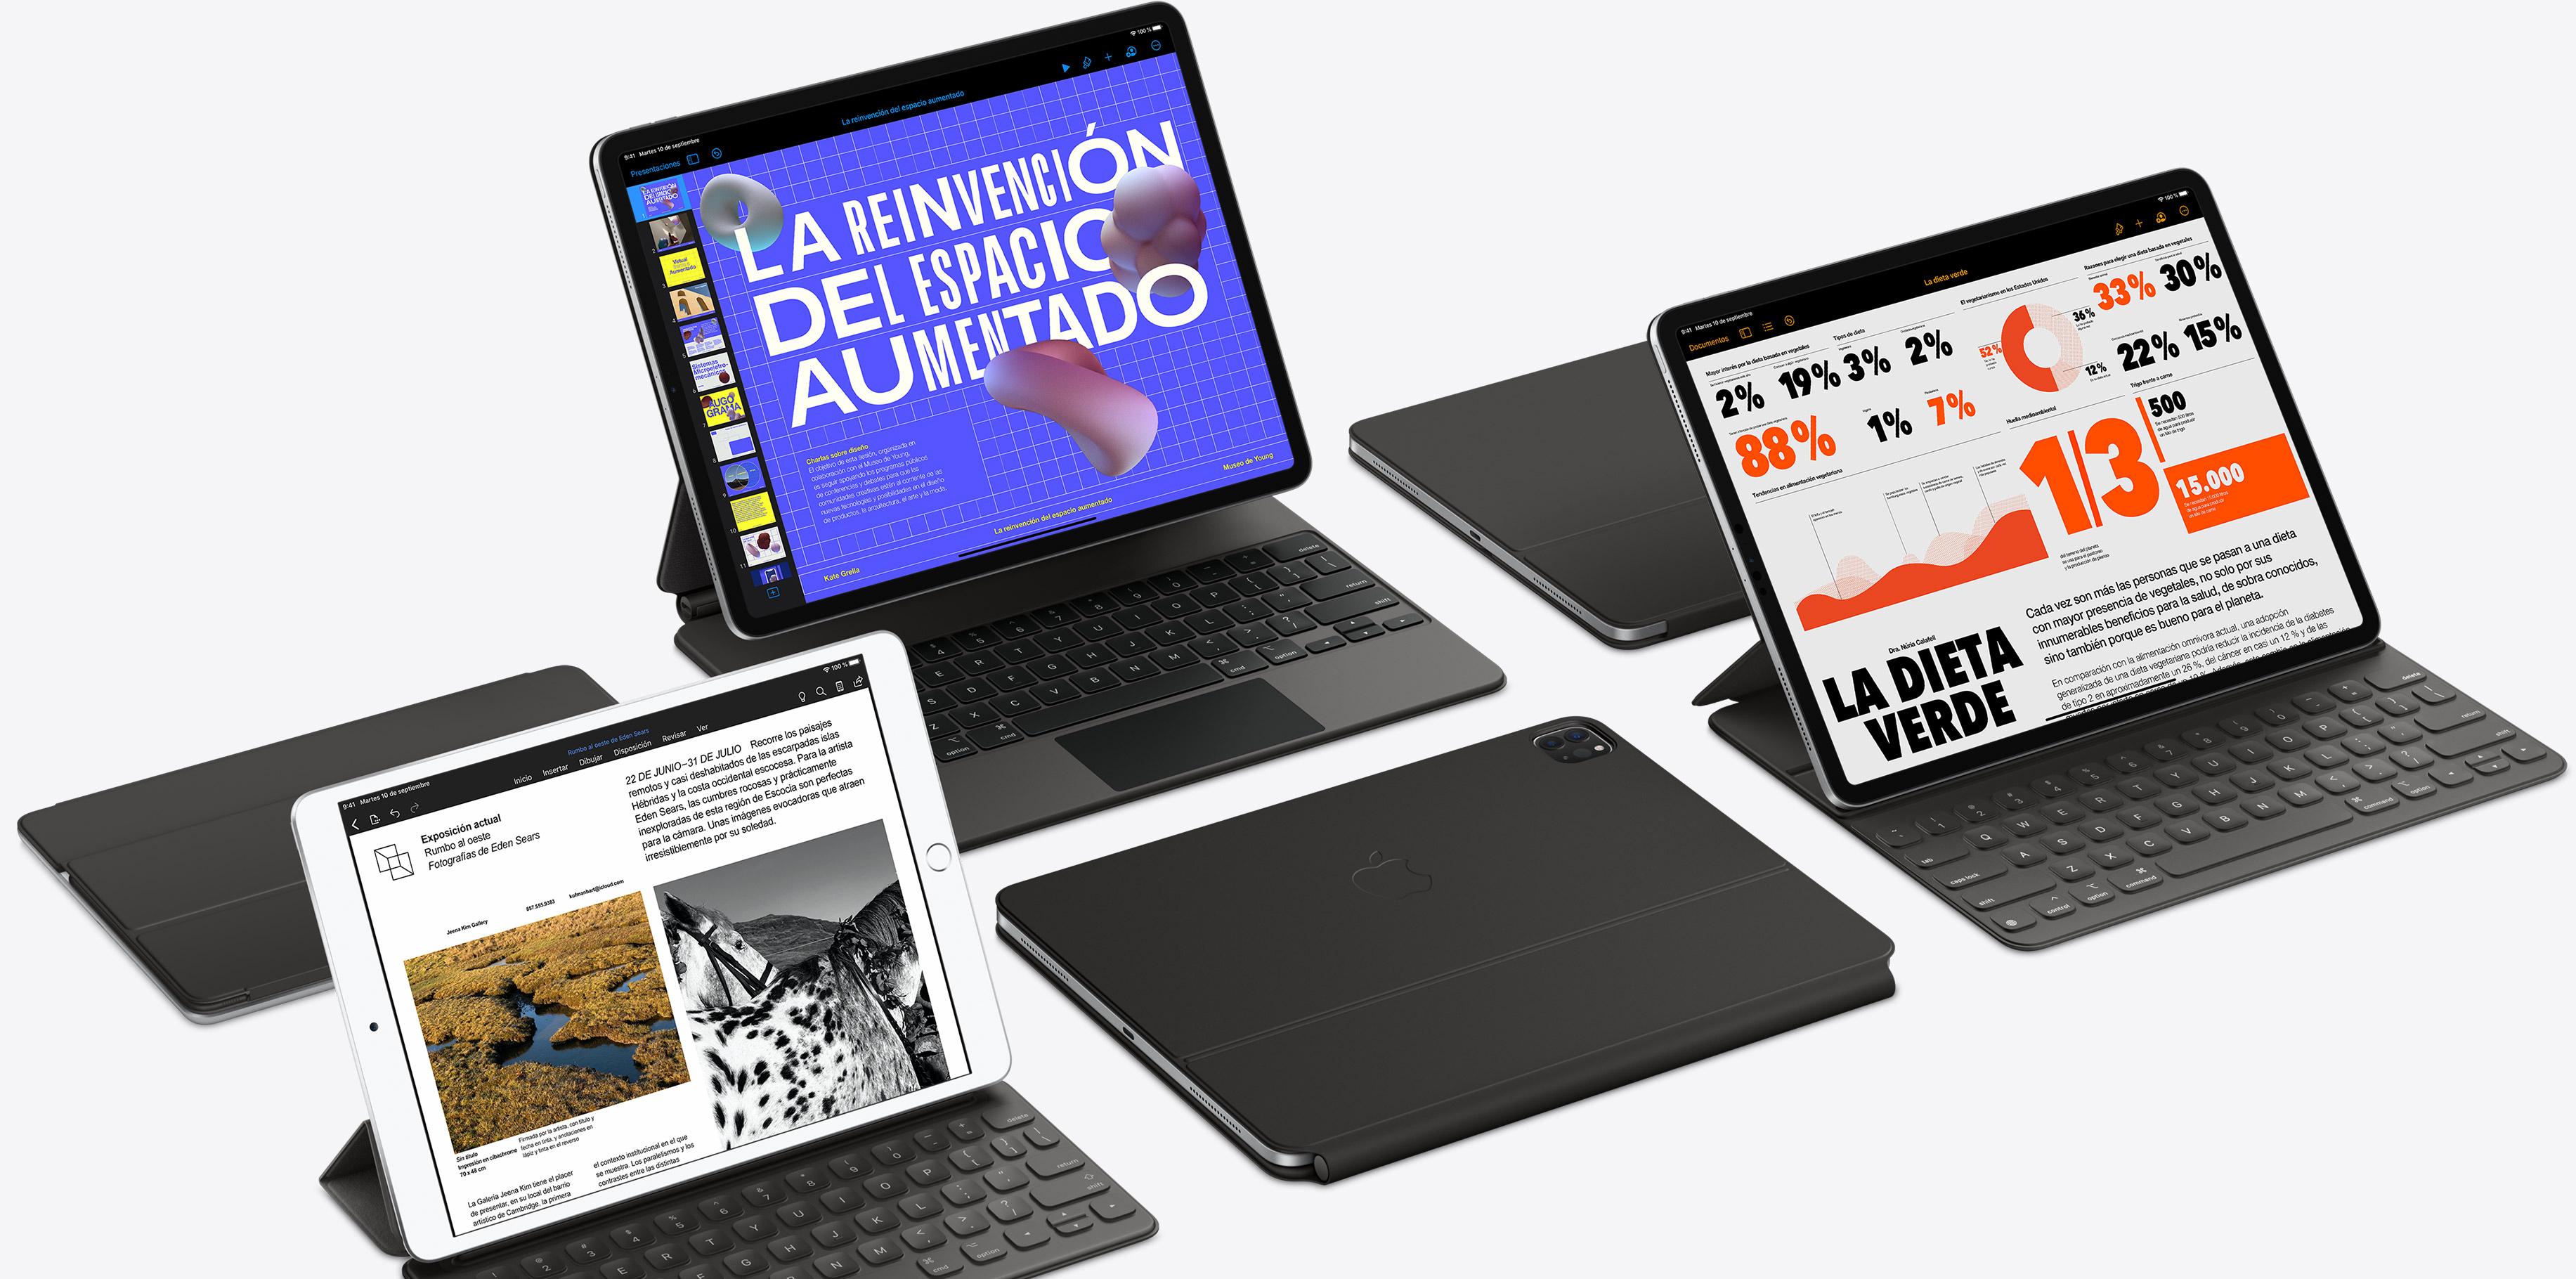 Teclado con trackpad del iPad Pro del 2020